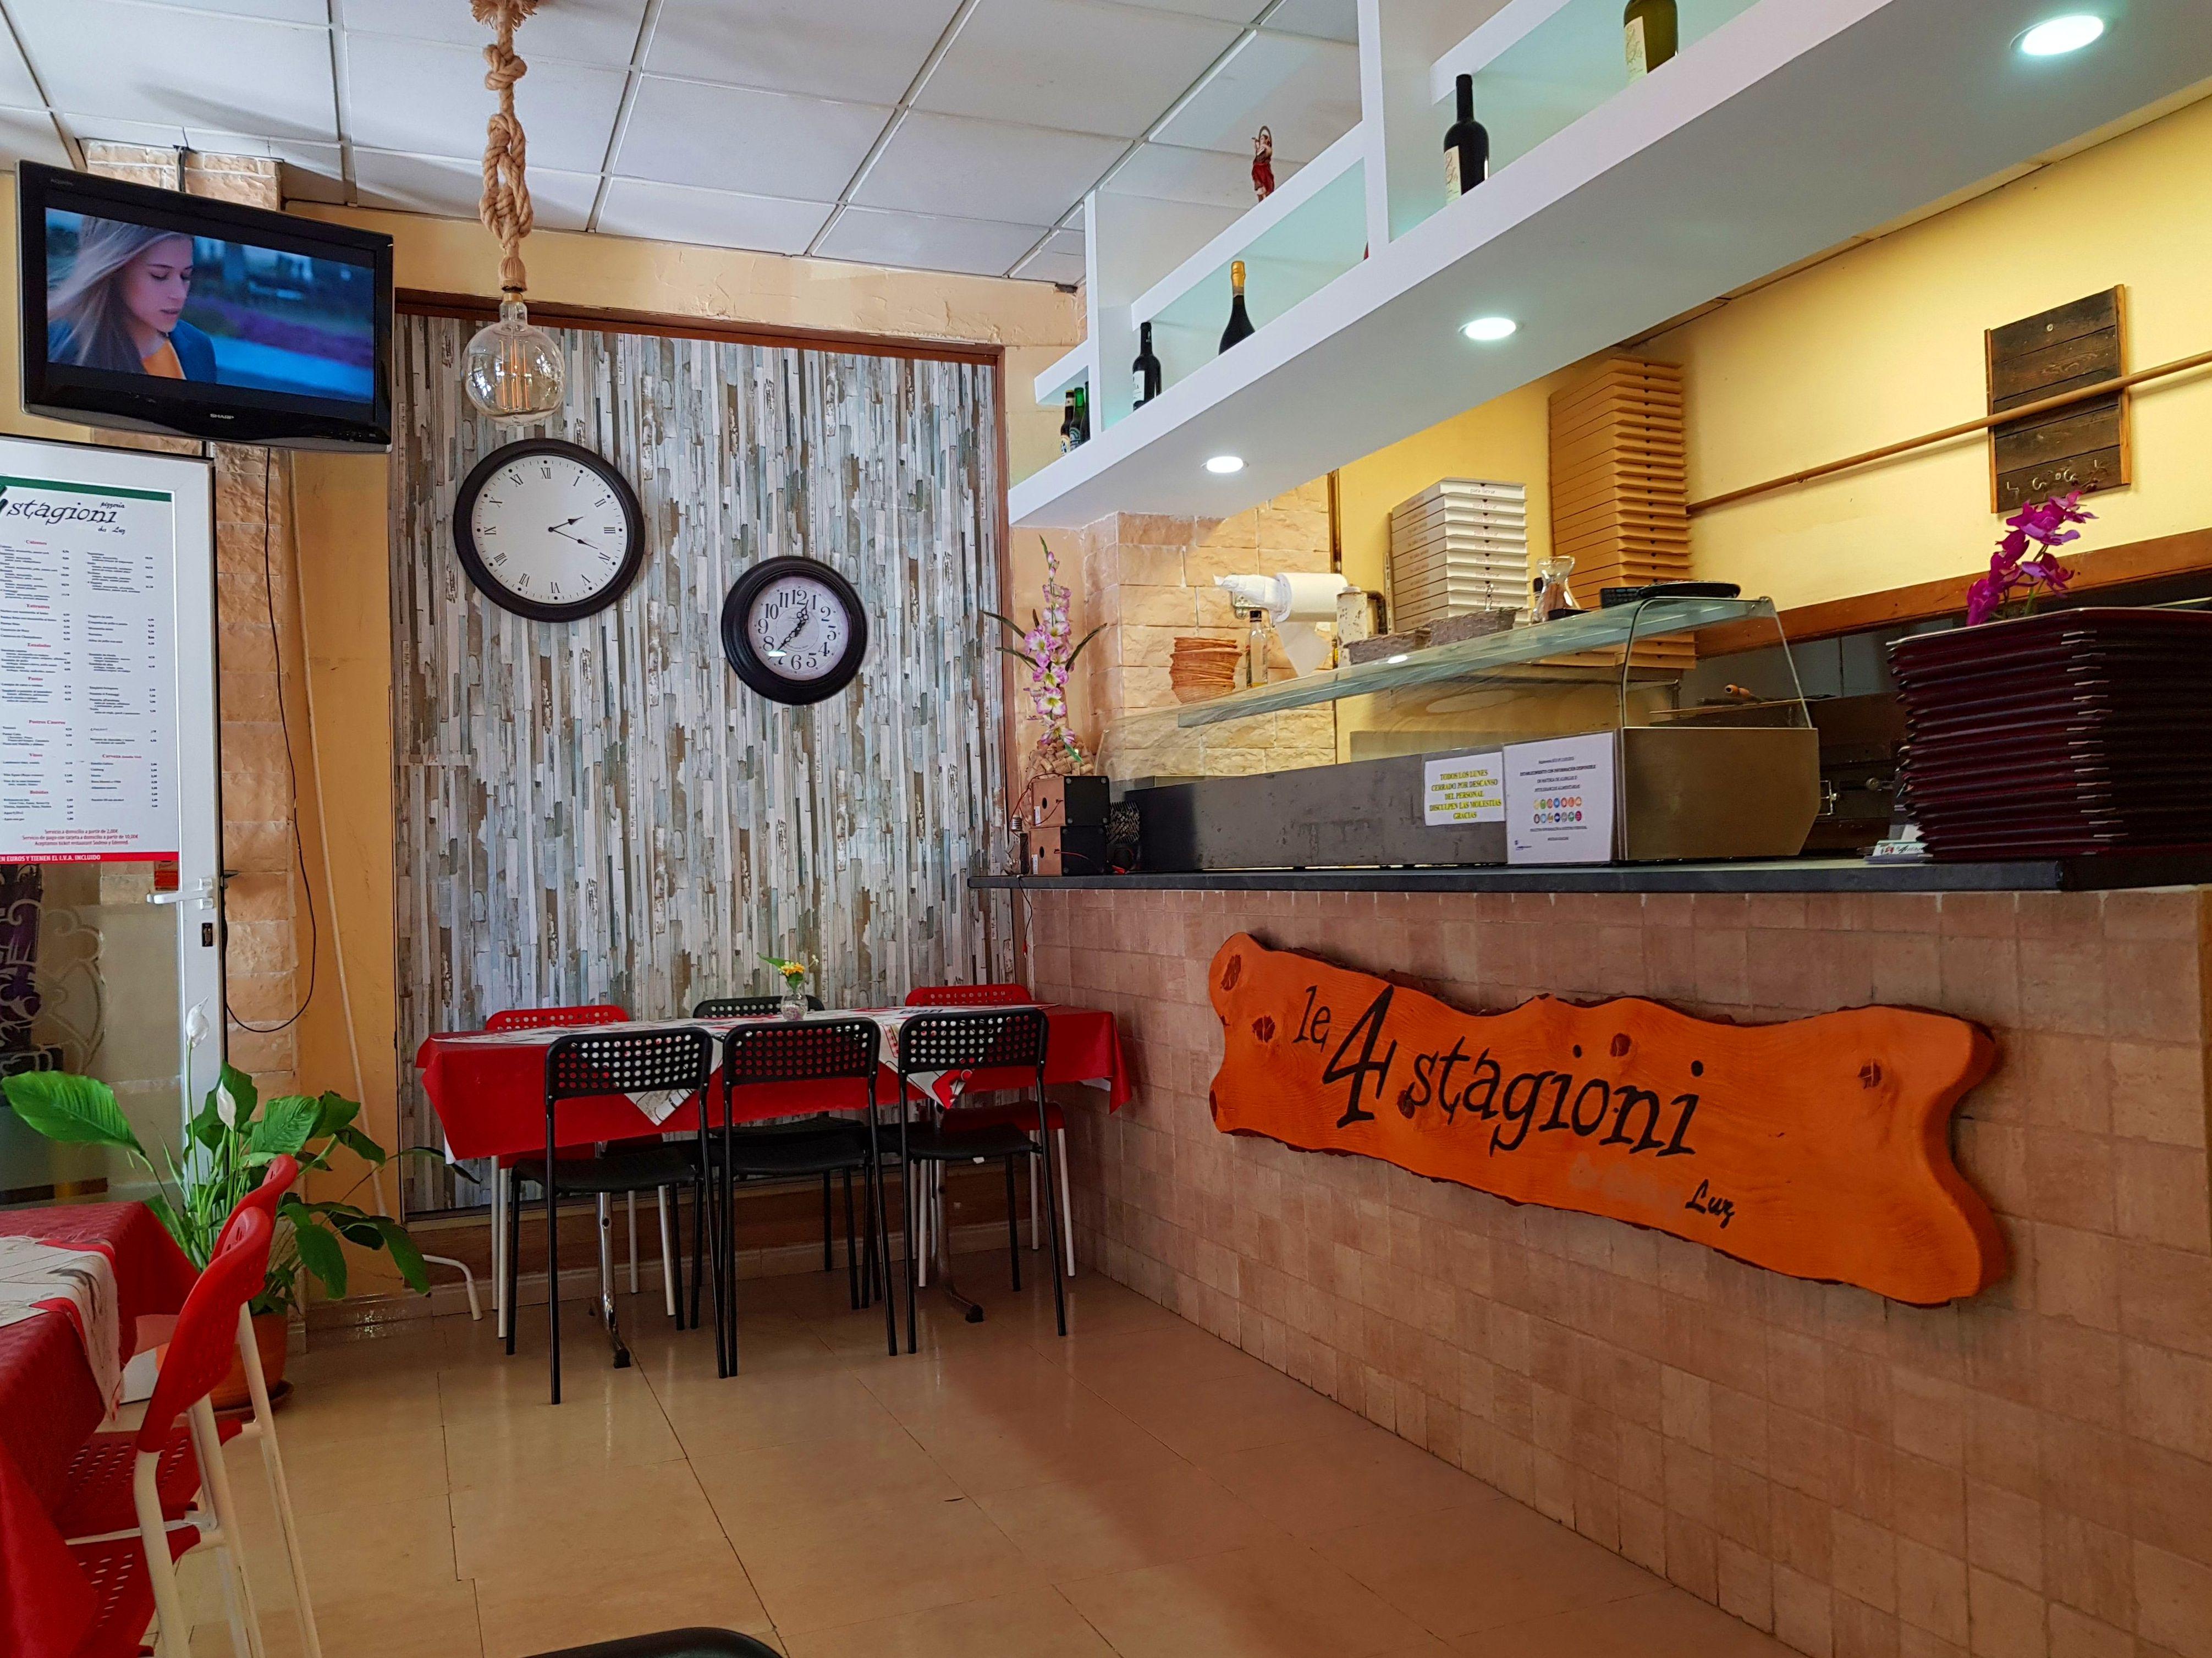 Foto 1 de Pizzería en Palma | Pizzería Le 4 Stagioni